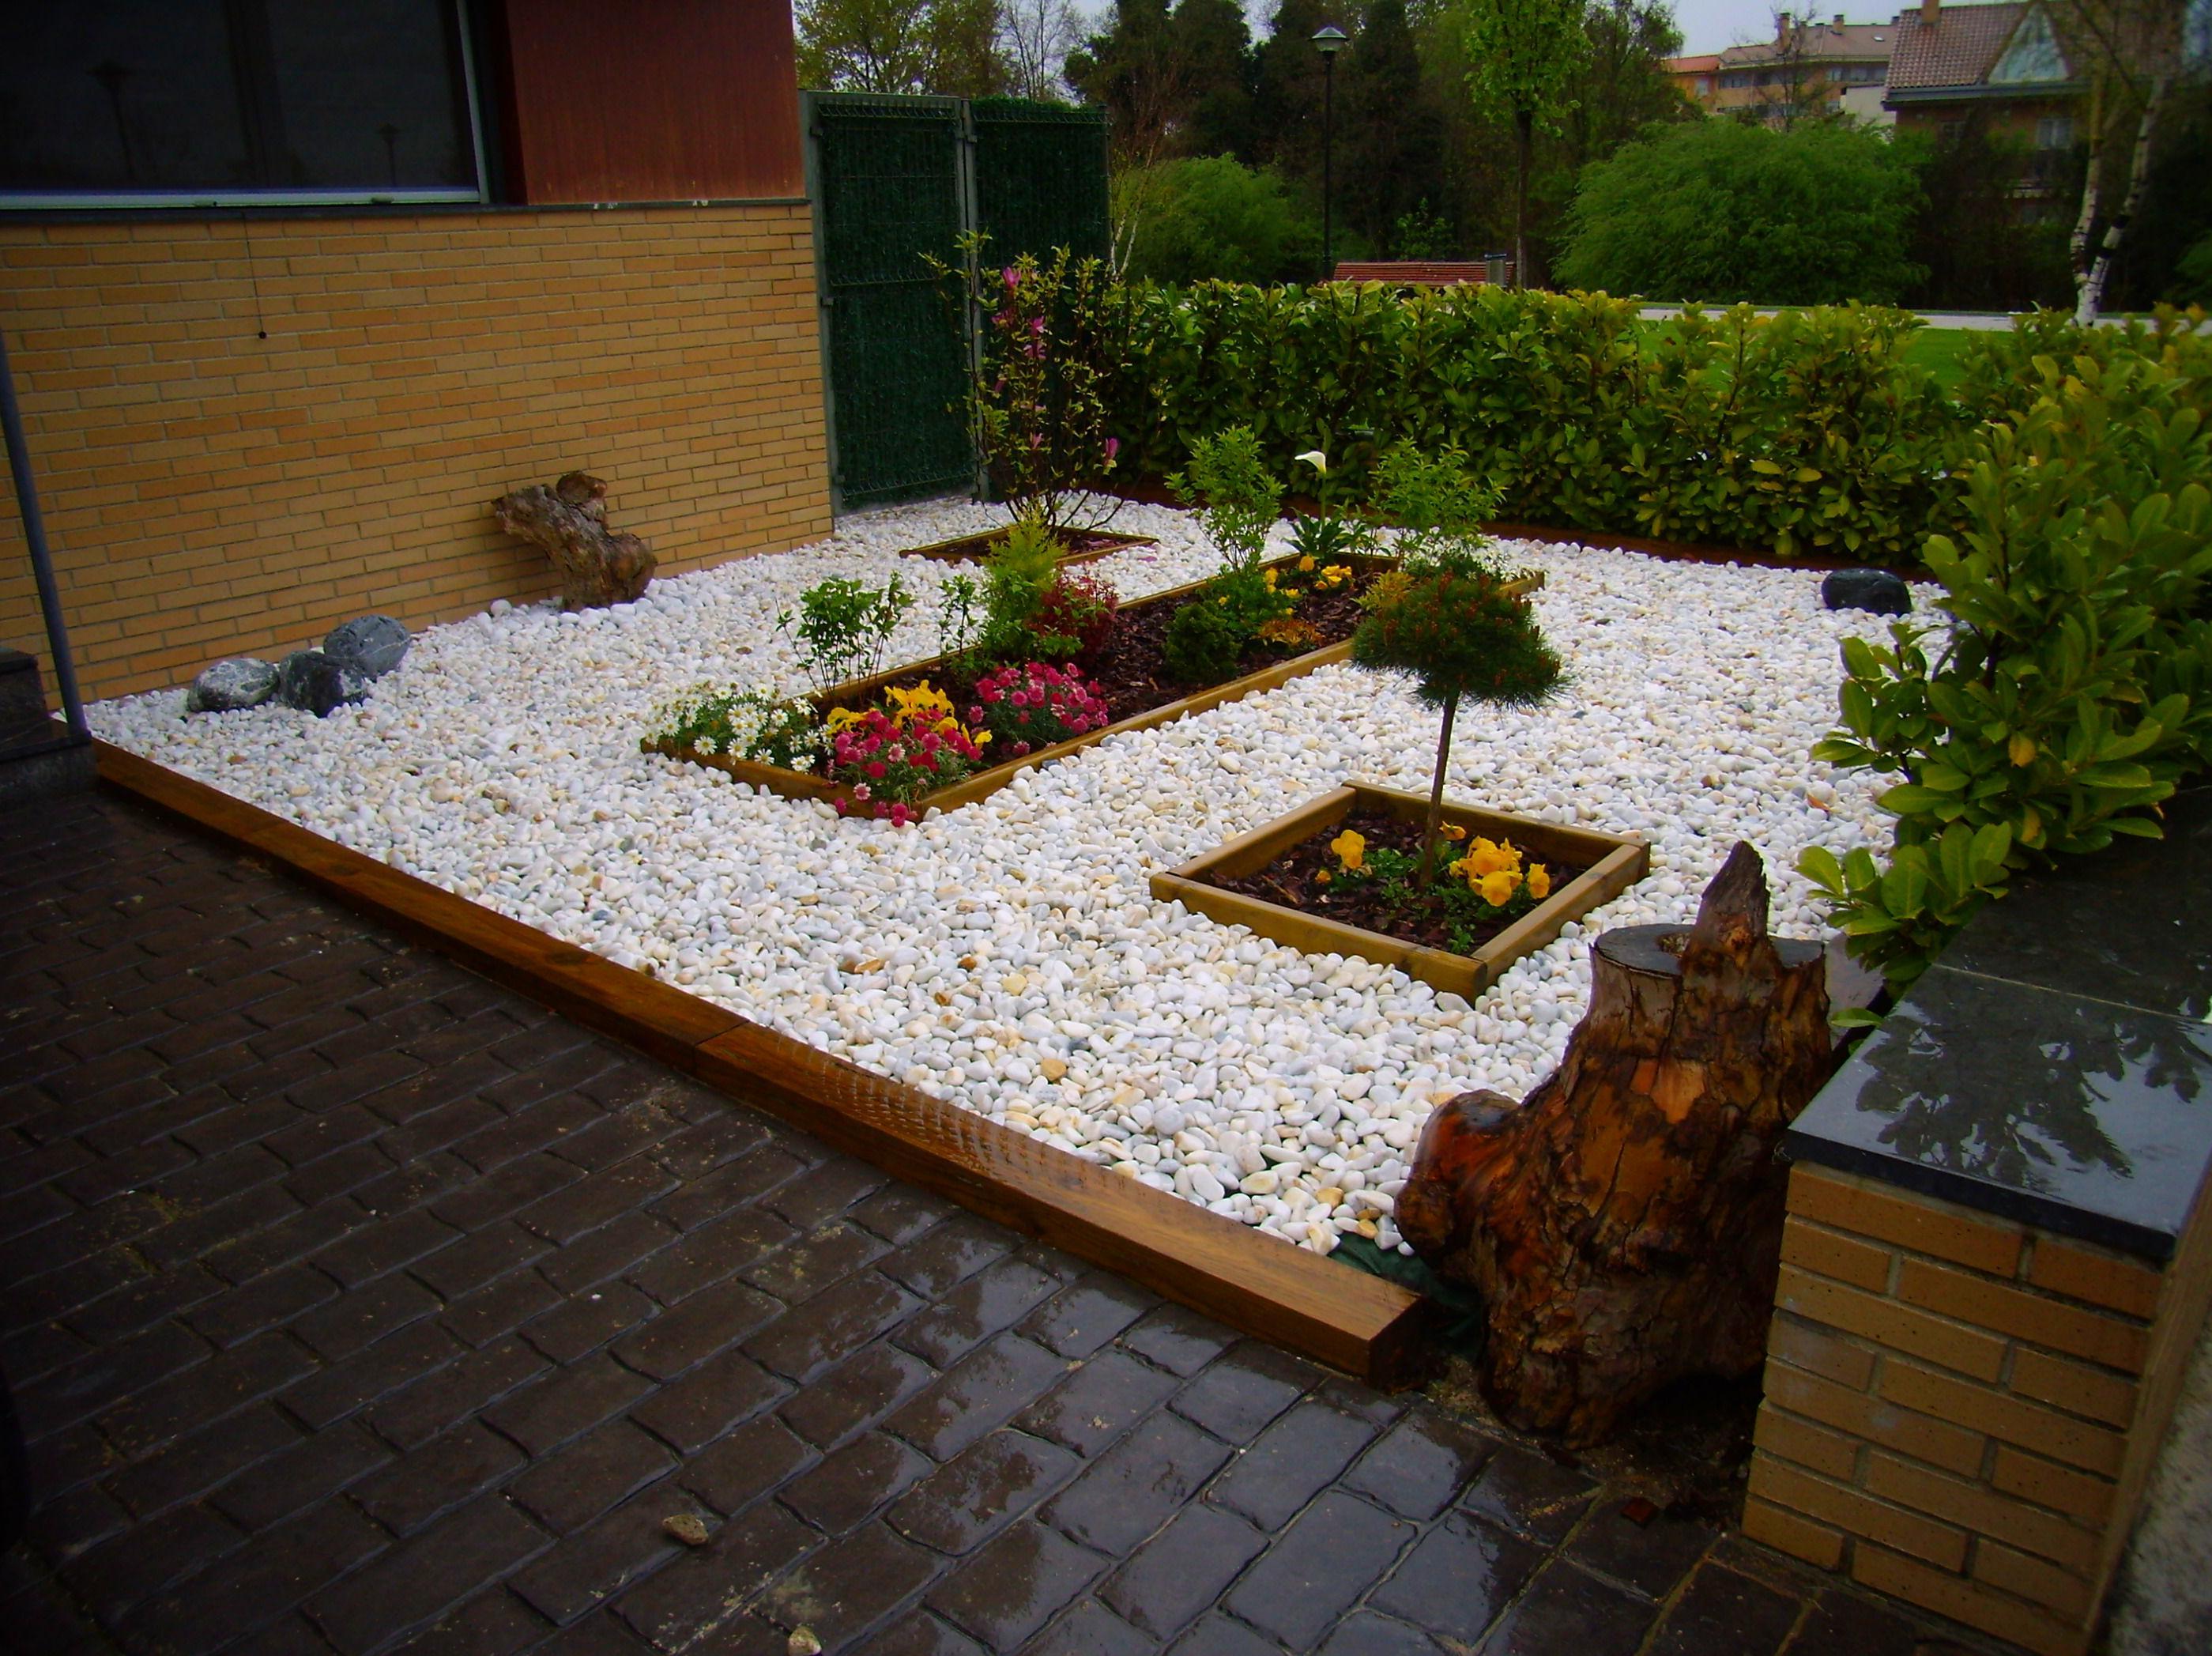 Diseño de jardín. Traviesa madera. Borduras. Bolo marmol. Arbustos.